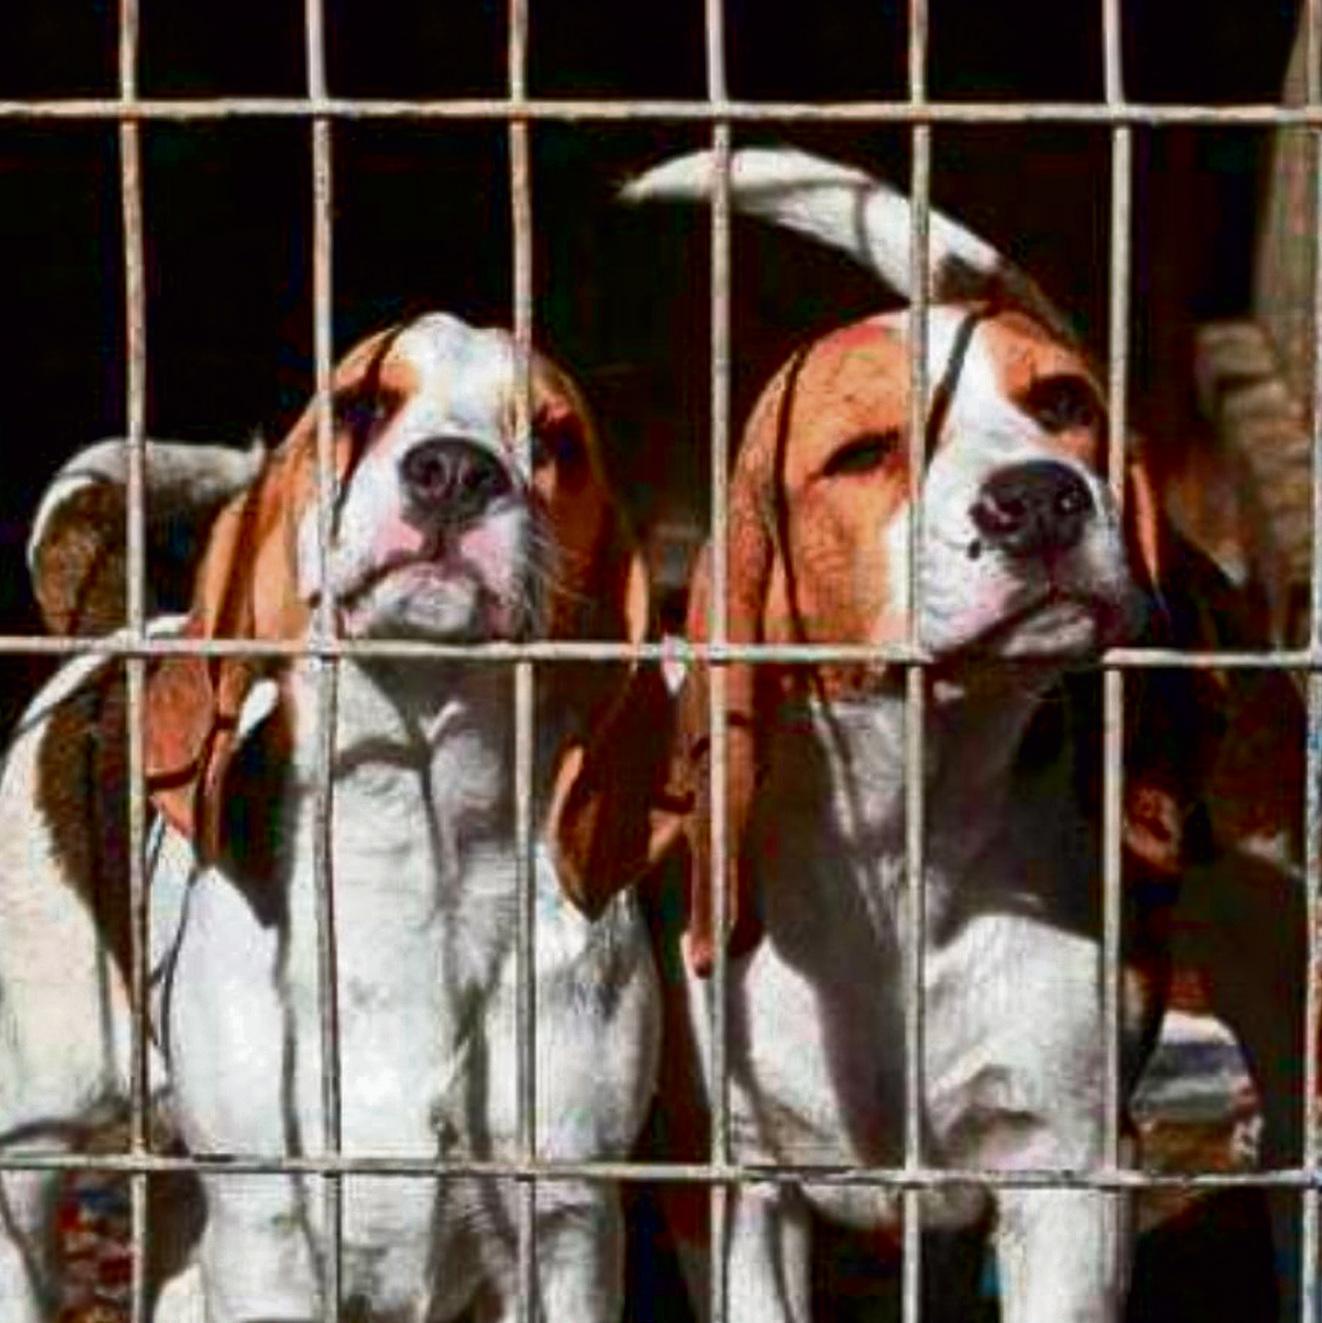 רק החוצה הפנים האמיתיות של תעשיית מכירת הכלבים בישראל VD-96